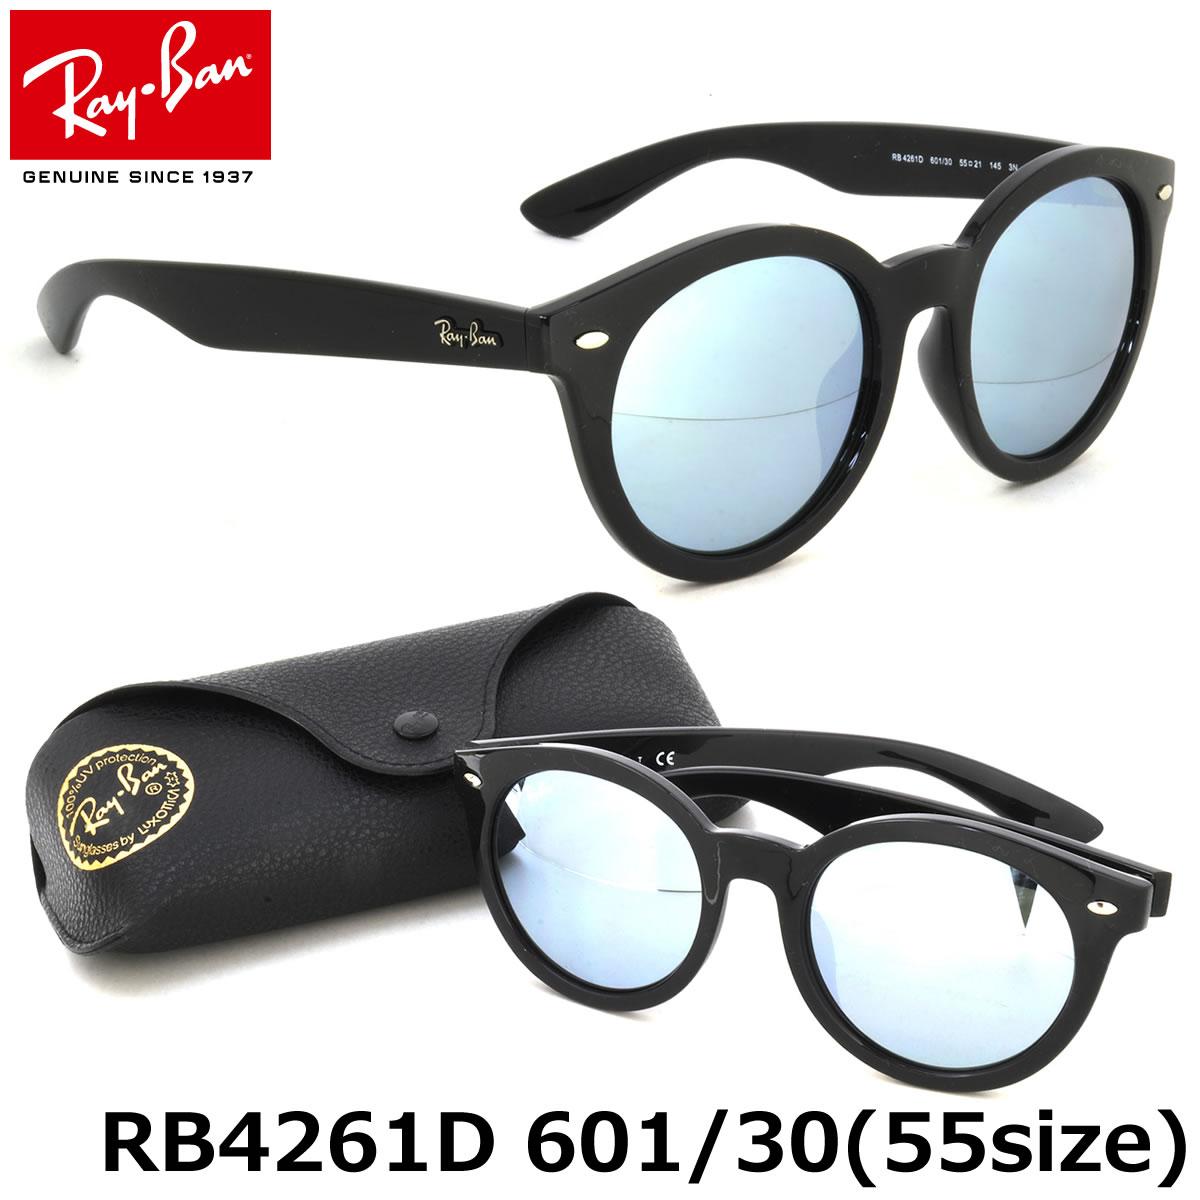 【10月30日からエントリーで全品ポイント20倍】レイバン サングラス ミラー アジアエリア限定 Ray-Ban RB4261D 601/30 55サイズレイバン RAYBAN FLASH LENSES 60130 ROUND ラウンド 丸メガネ ミラー アジアンフィット メンズ レディース